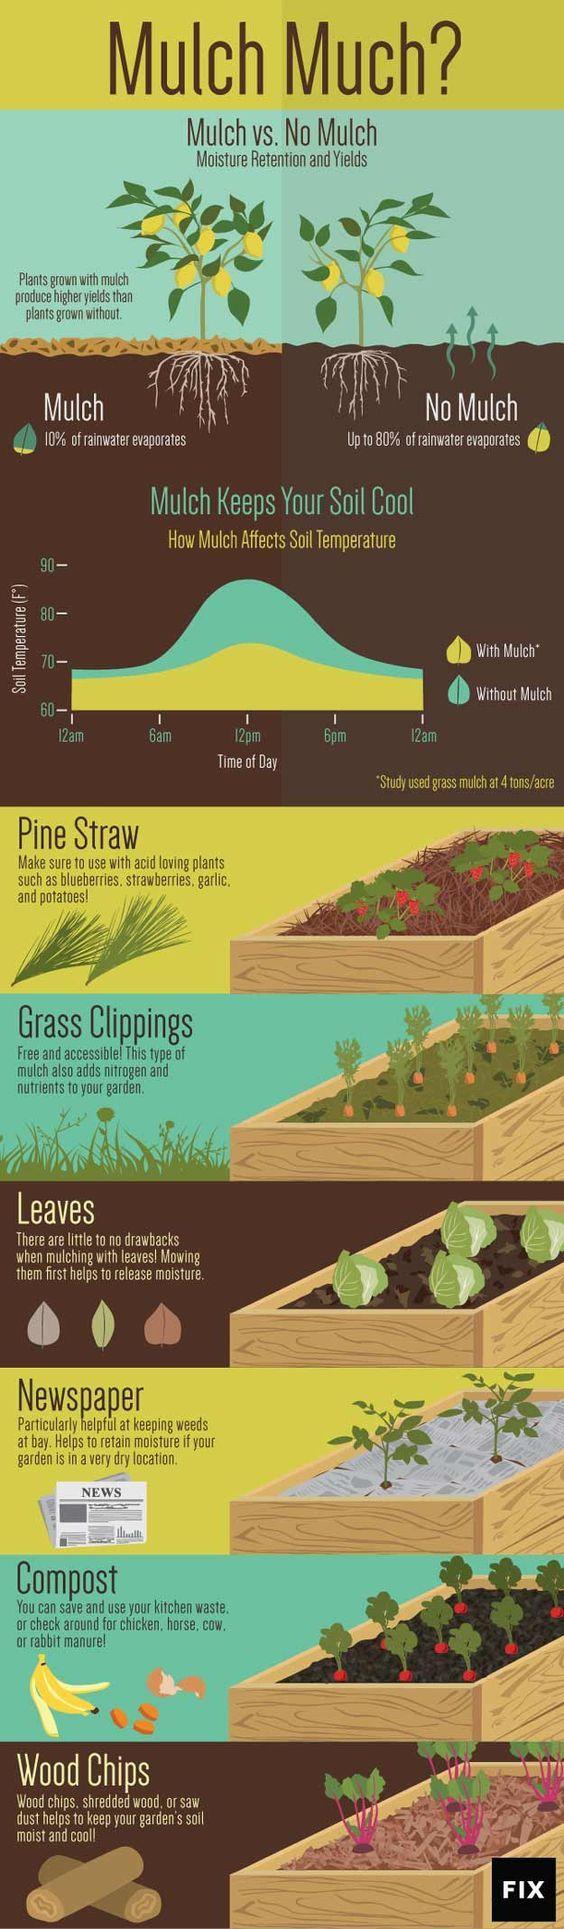 The Benefits Of Garden Mulch